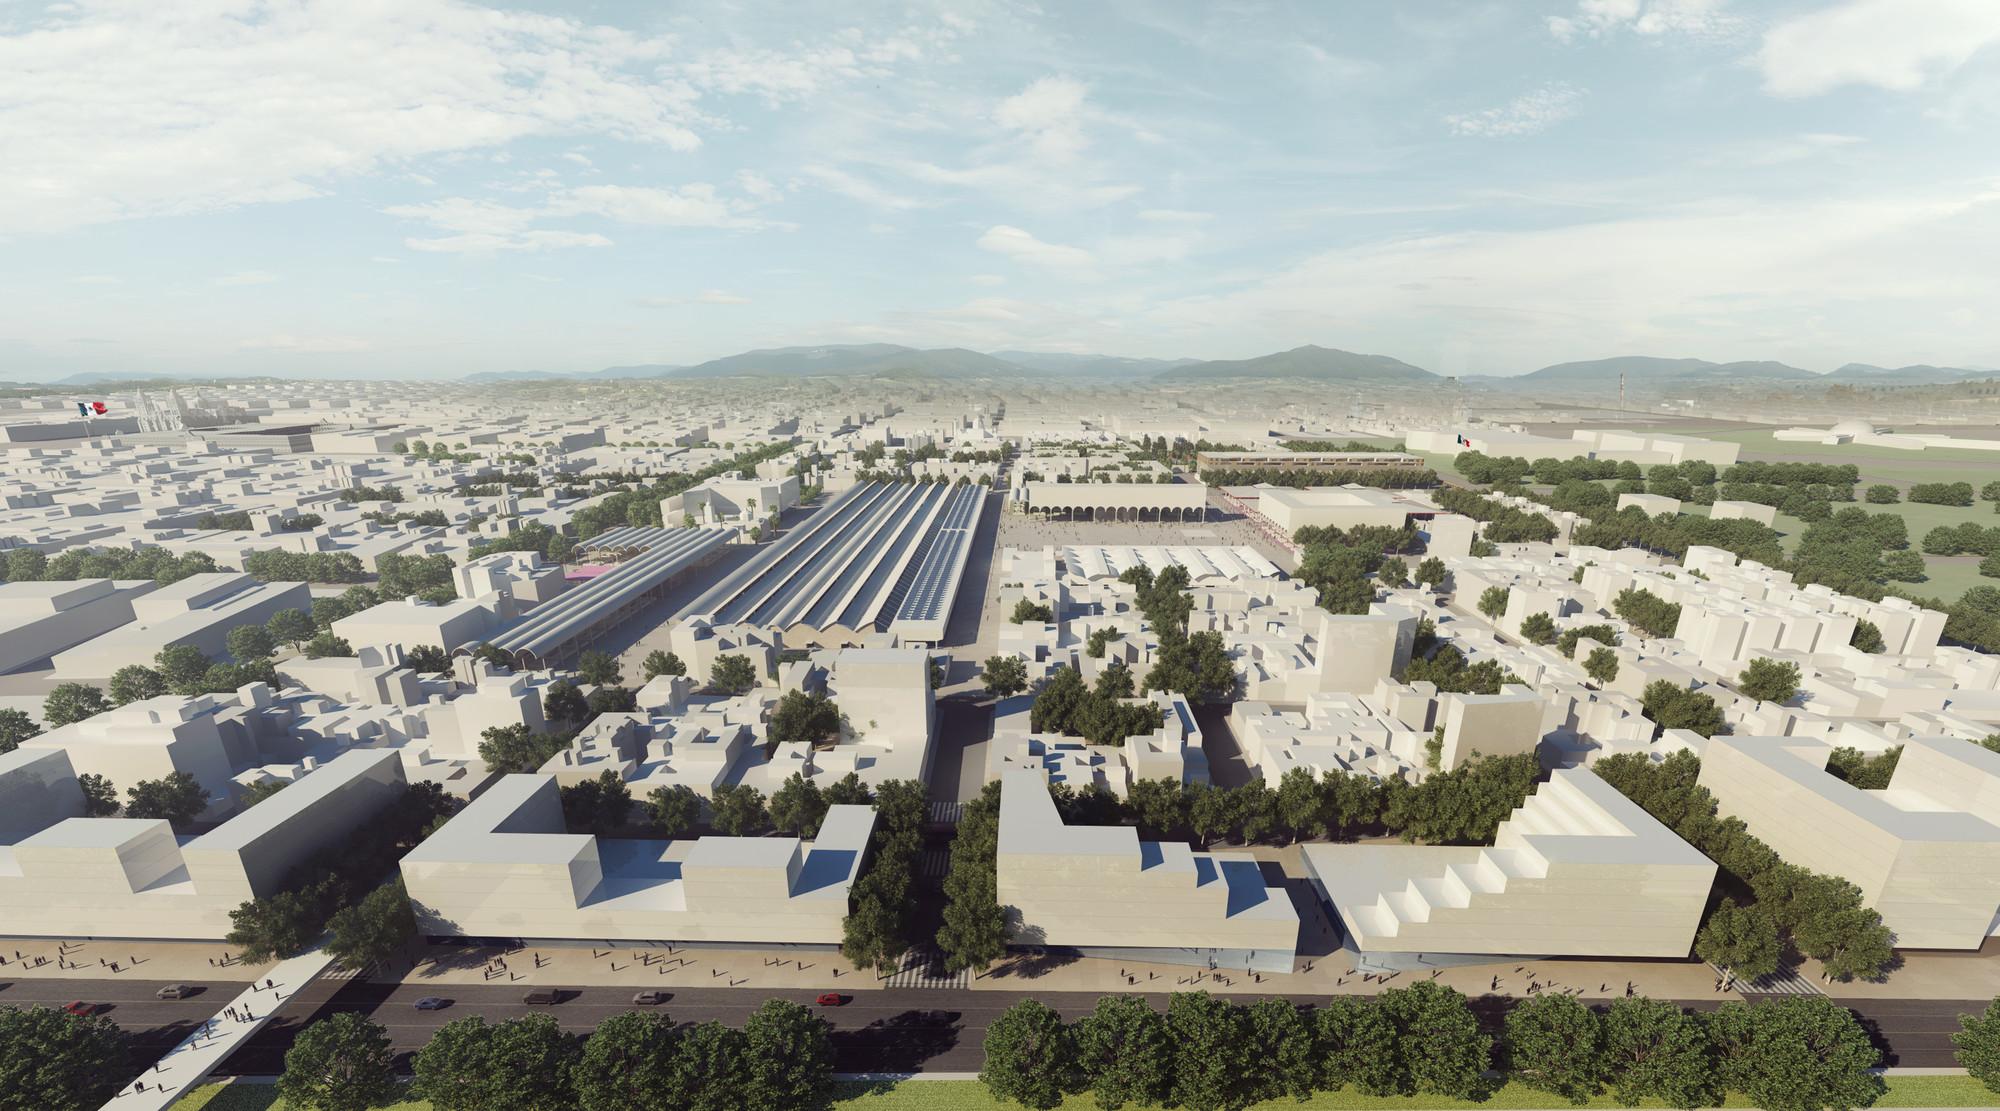 Vista aérea. Image Courtesy of José Muñoz Villers y Carlos Marín